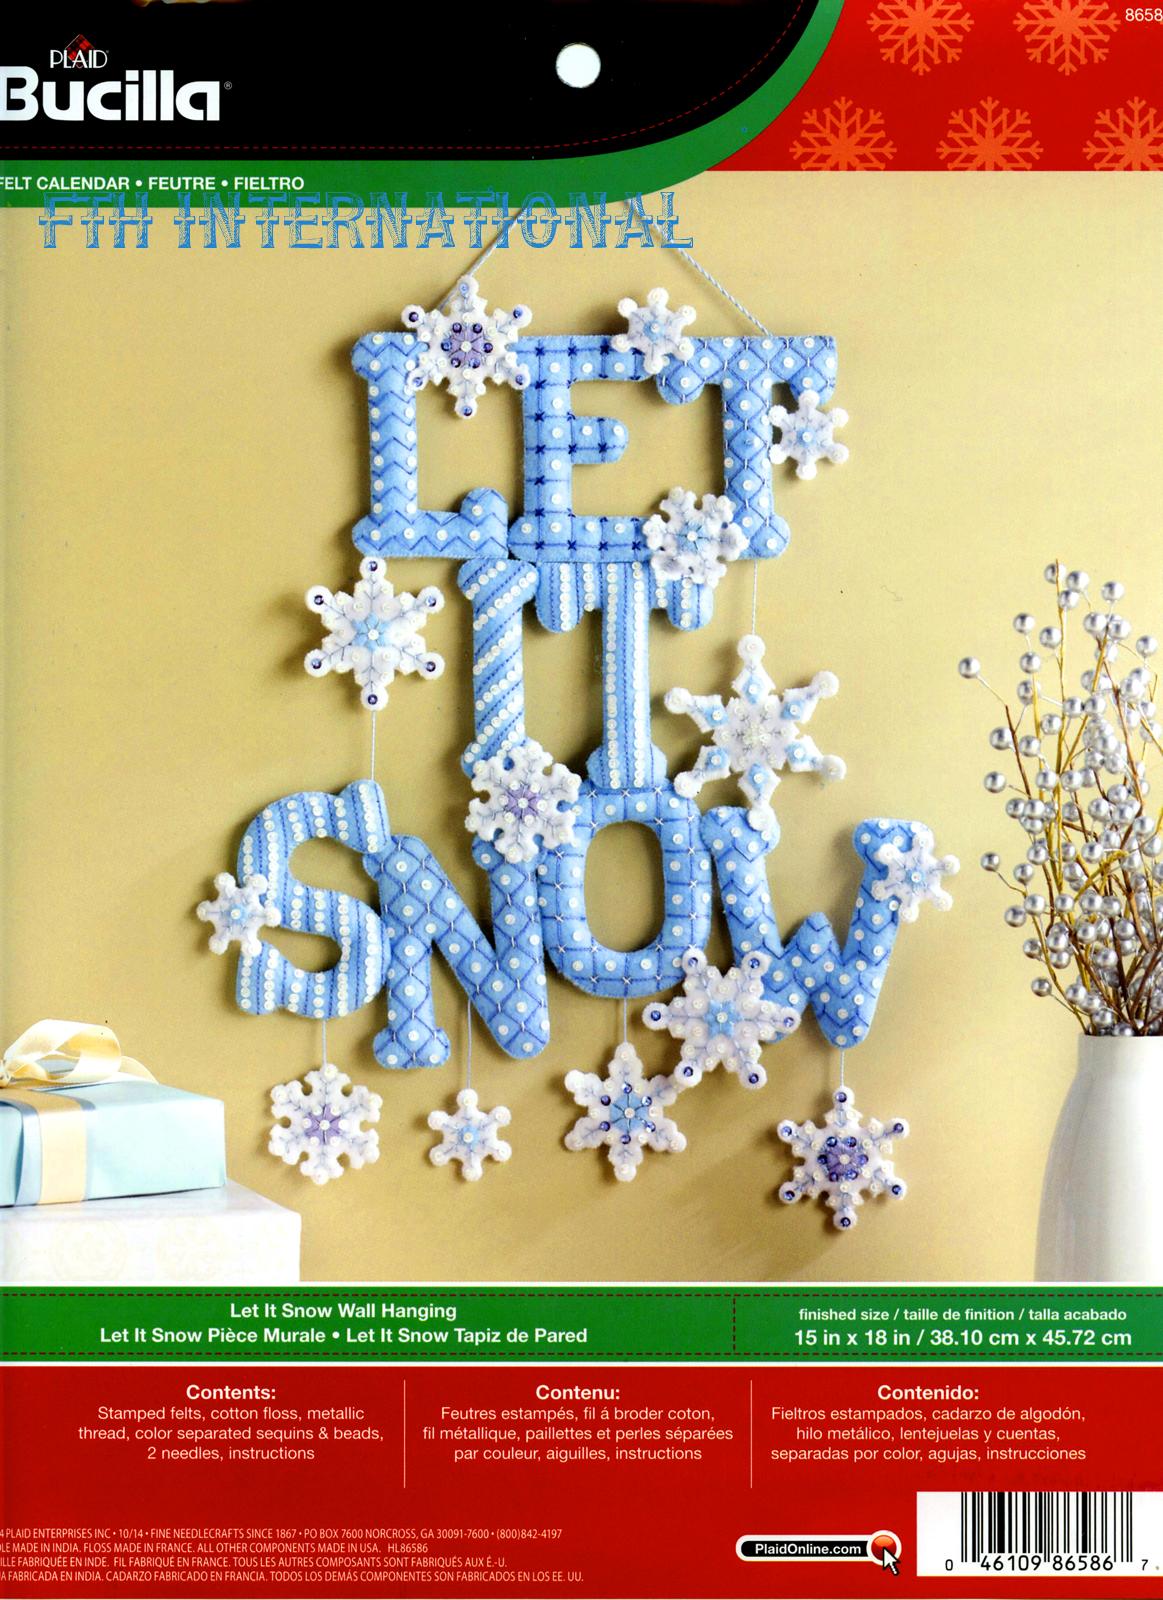 Let It Snow Bucilla Felt Fall Home Decor Kit # 86586 - FTH ...